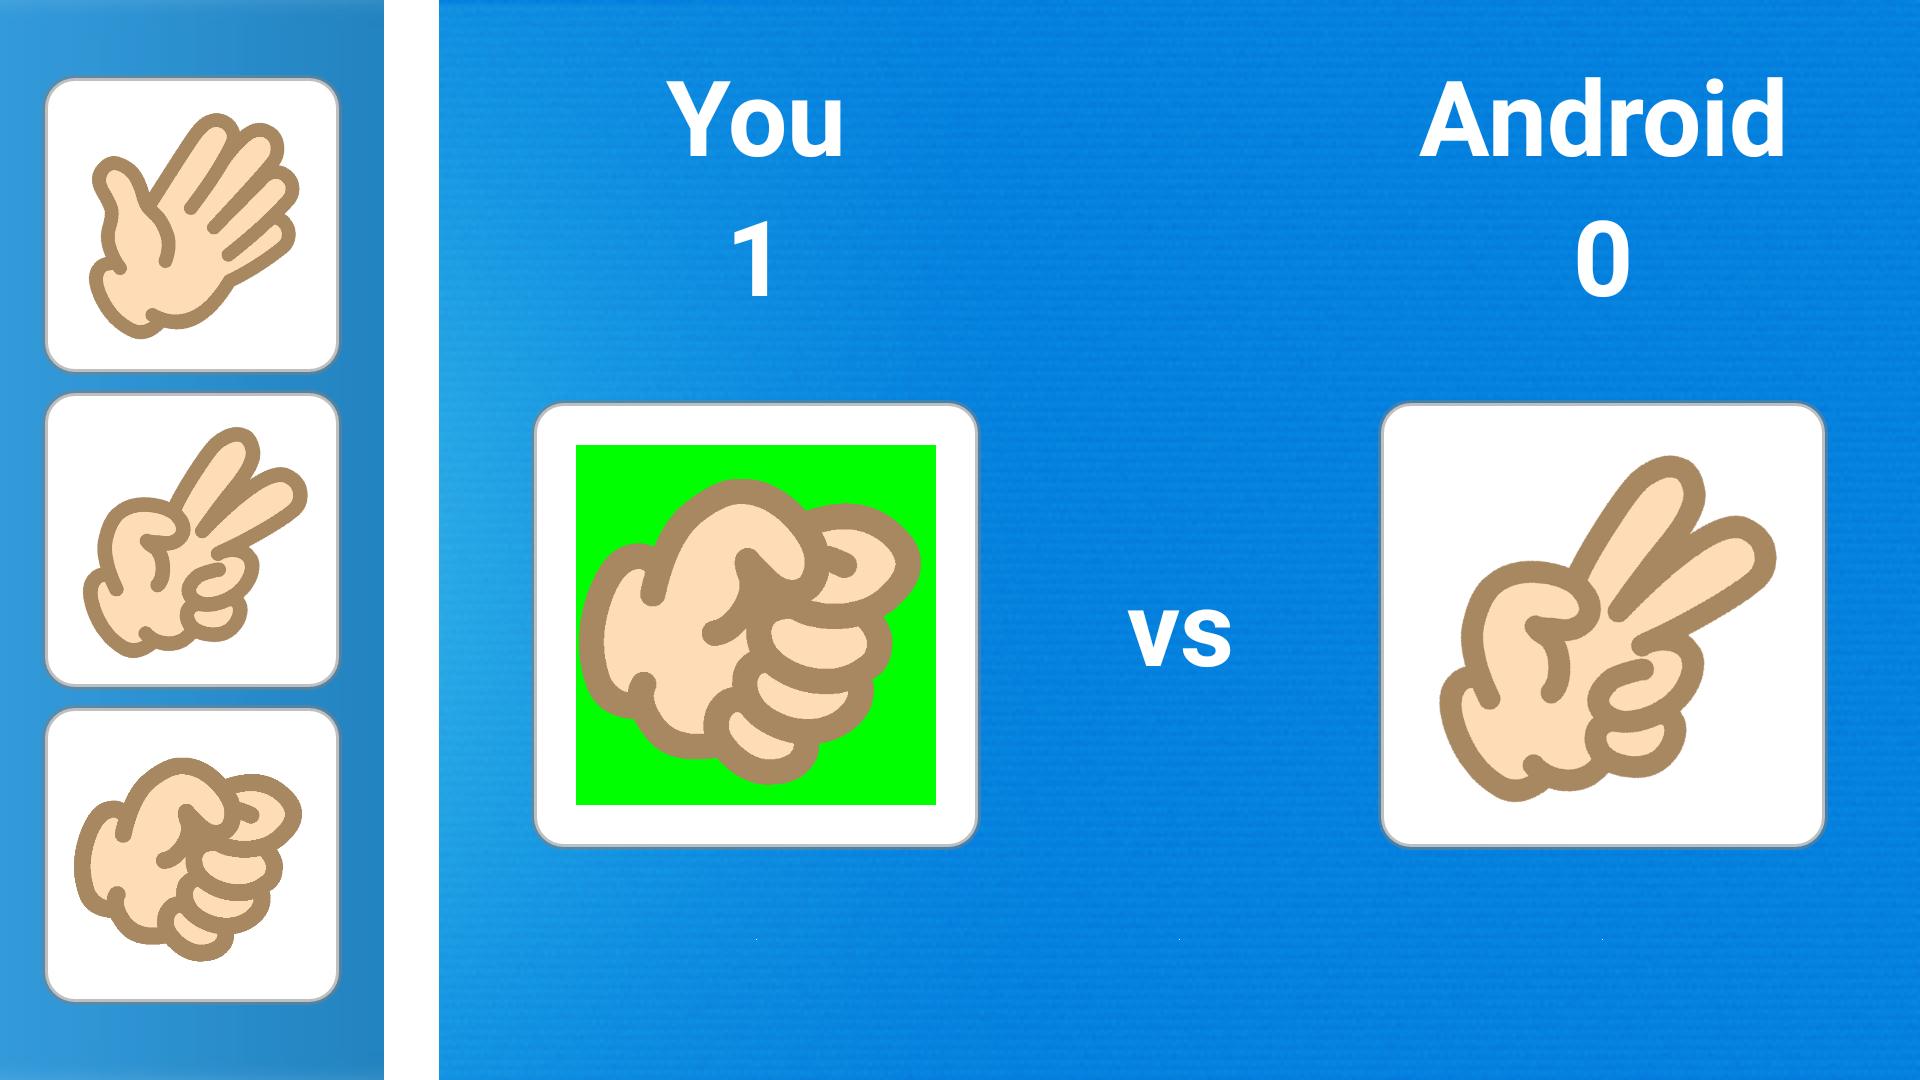 Piedra papel o tijera Online: Amazon.es: Appstore para Android